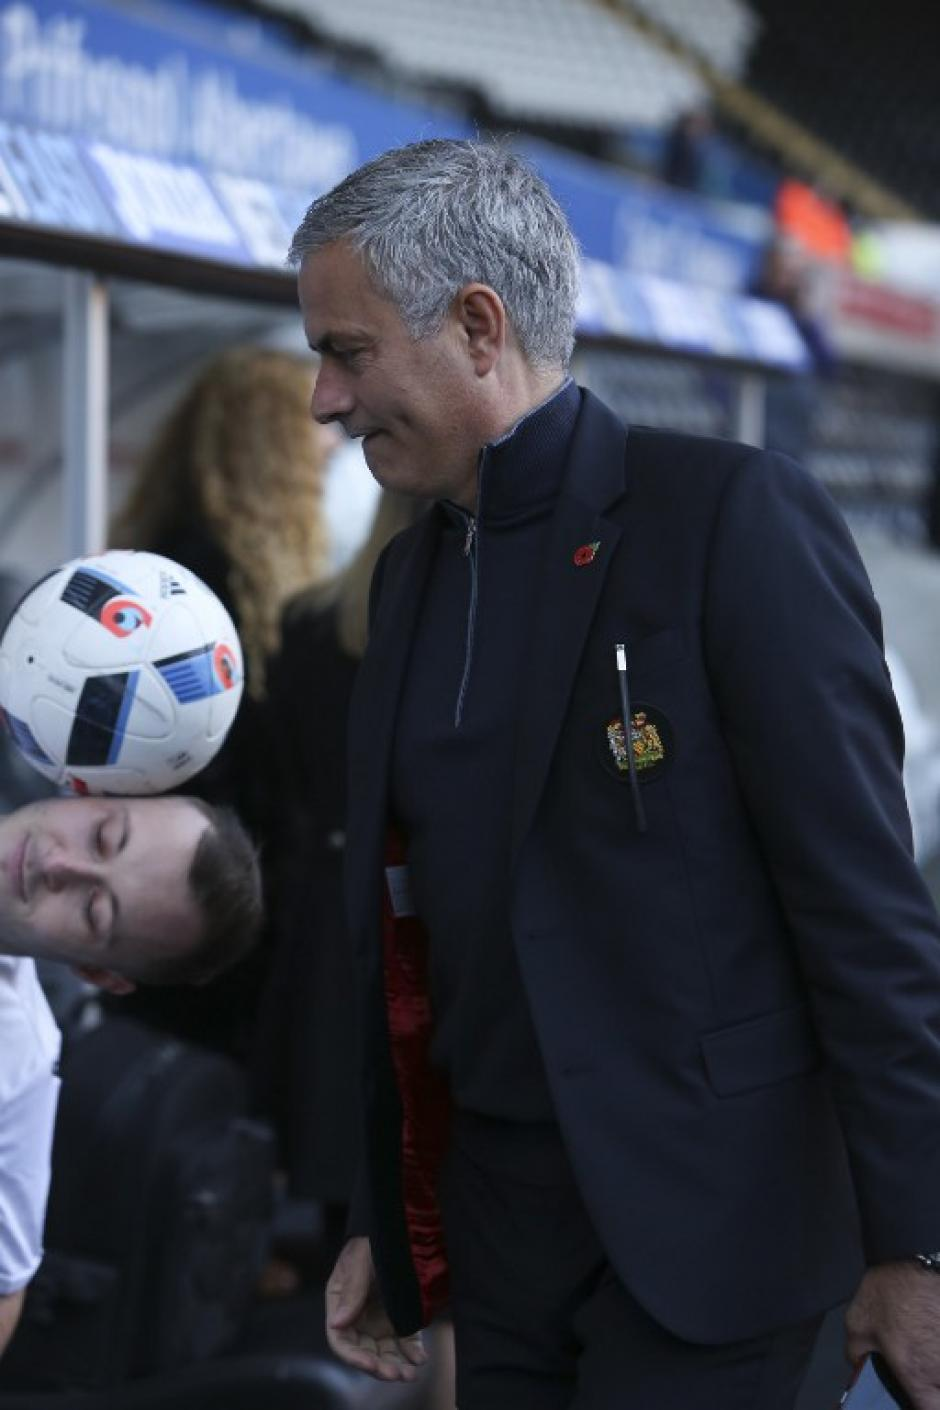 Curiosa foto en la que se ve al chico balanceando la pelota. (Foto: AFP)